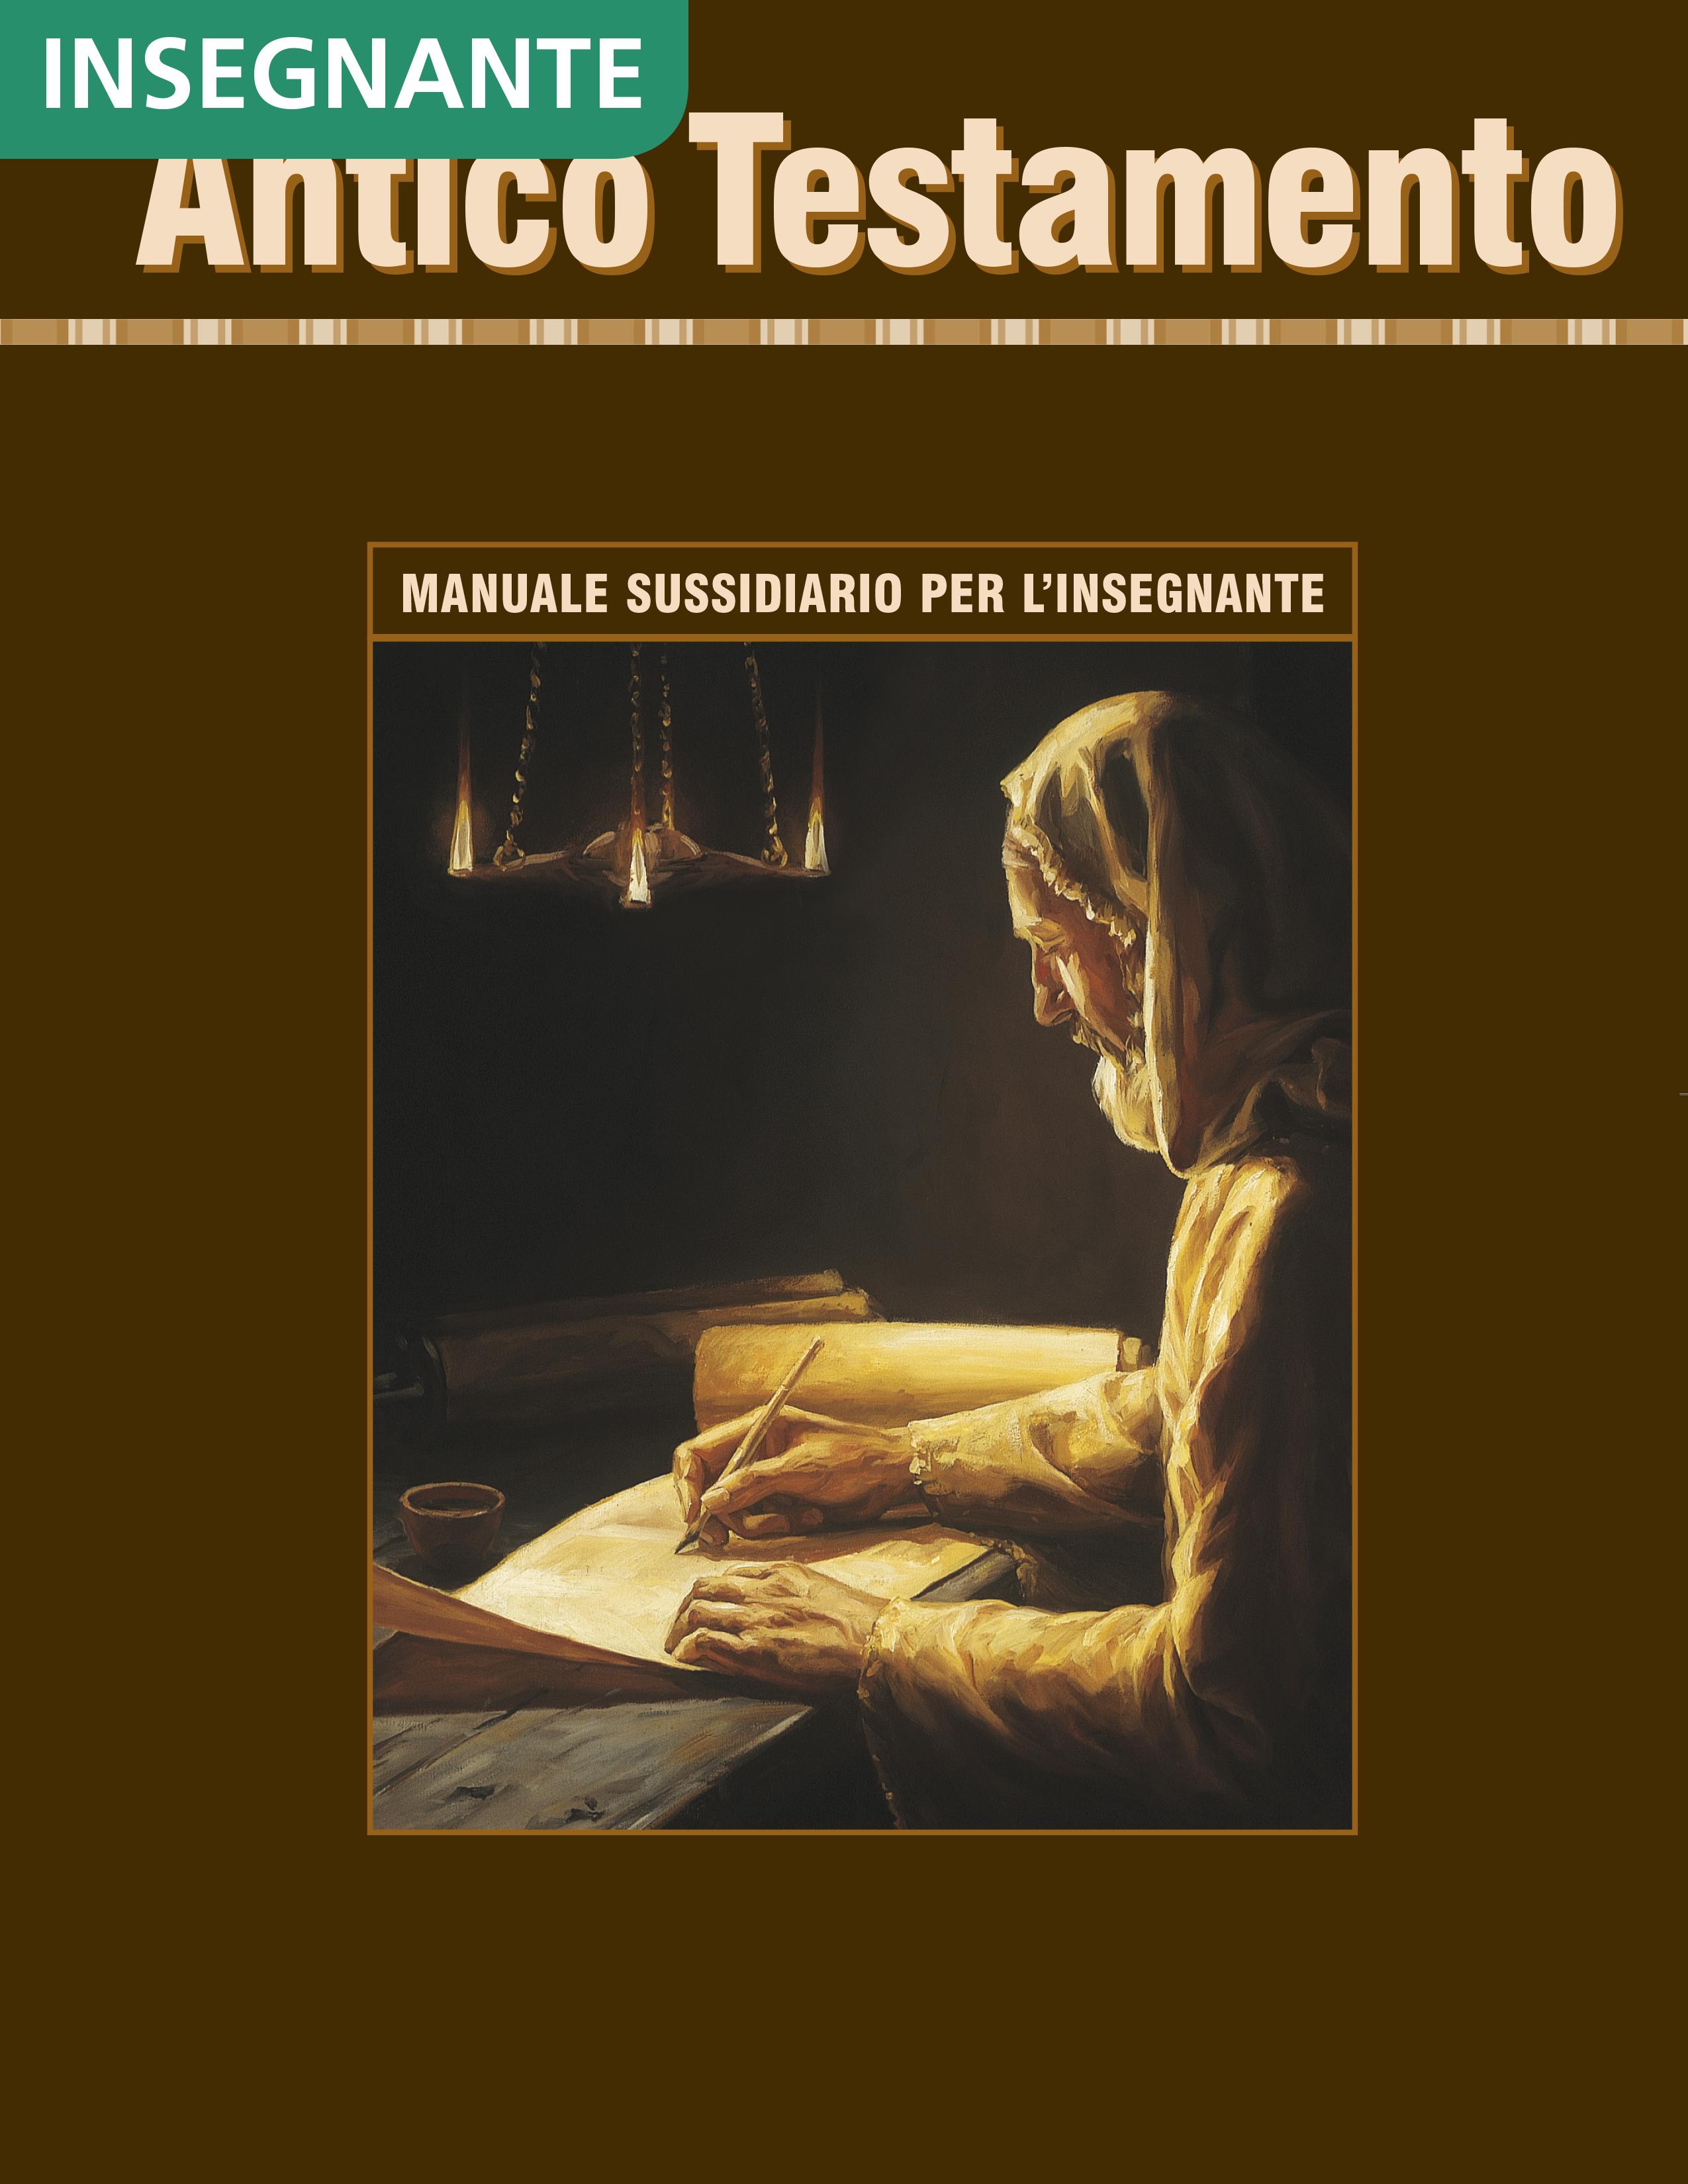 Antico Testamento – Manuale sussidiario per l'insegnante di Seminario